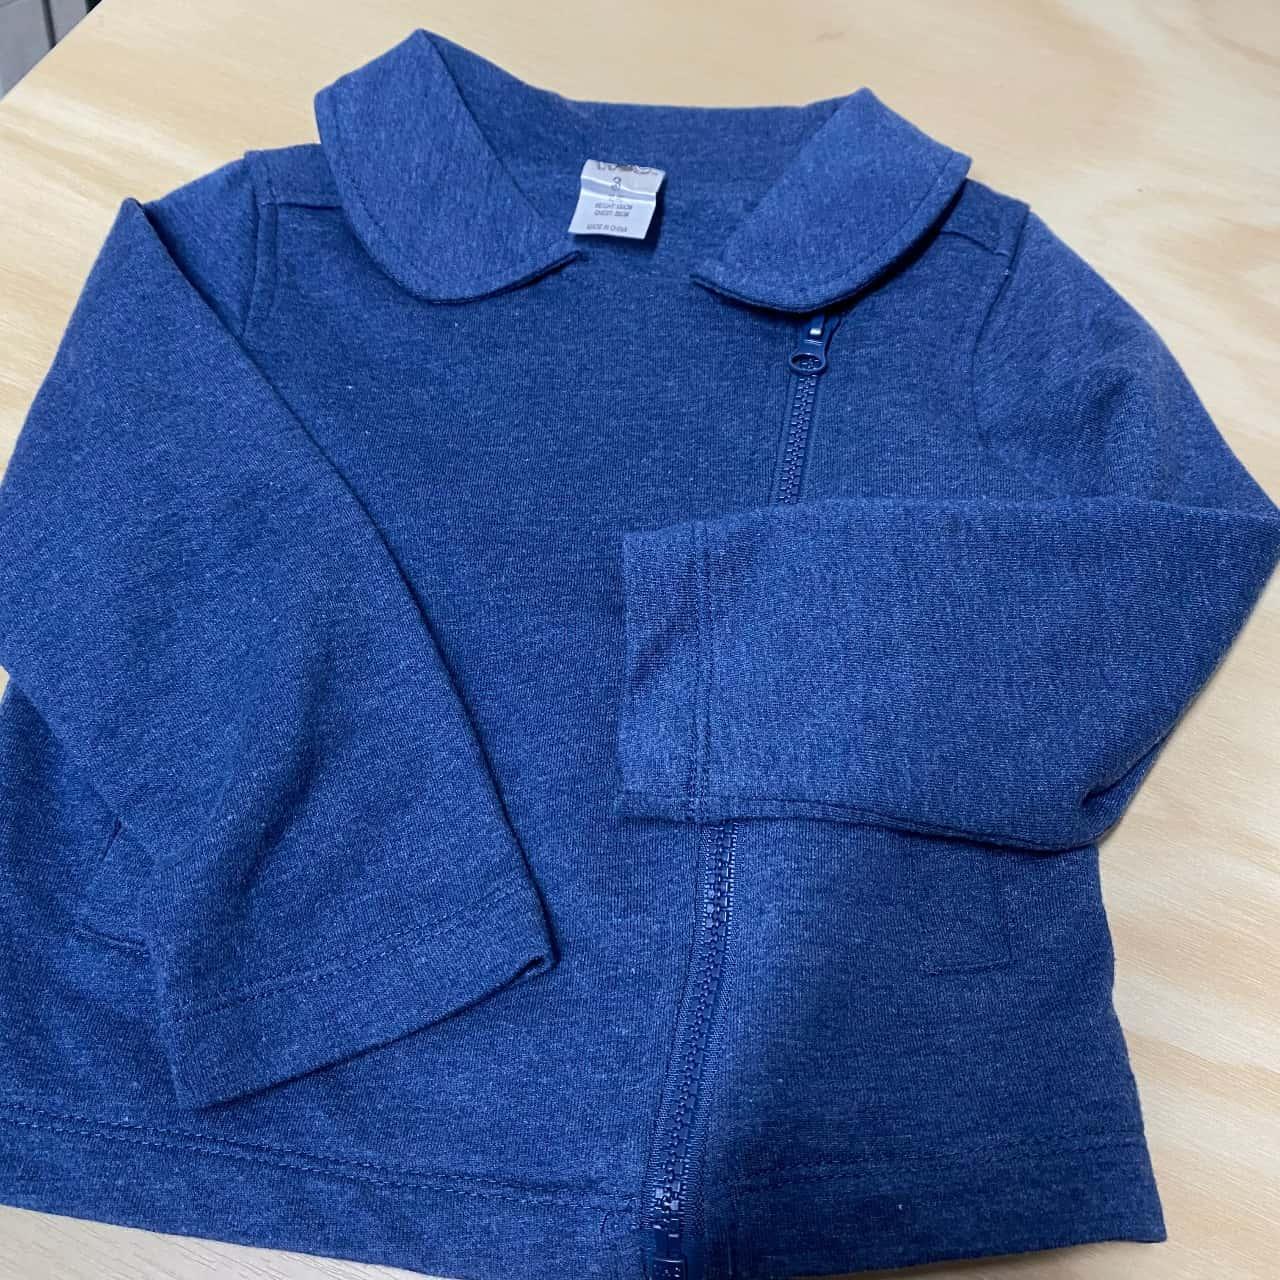 Boys Size 3/4 Bundle (6) Tops & Jacket